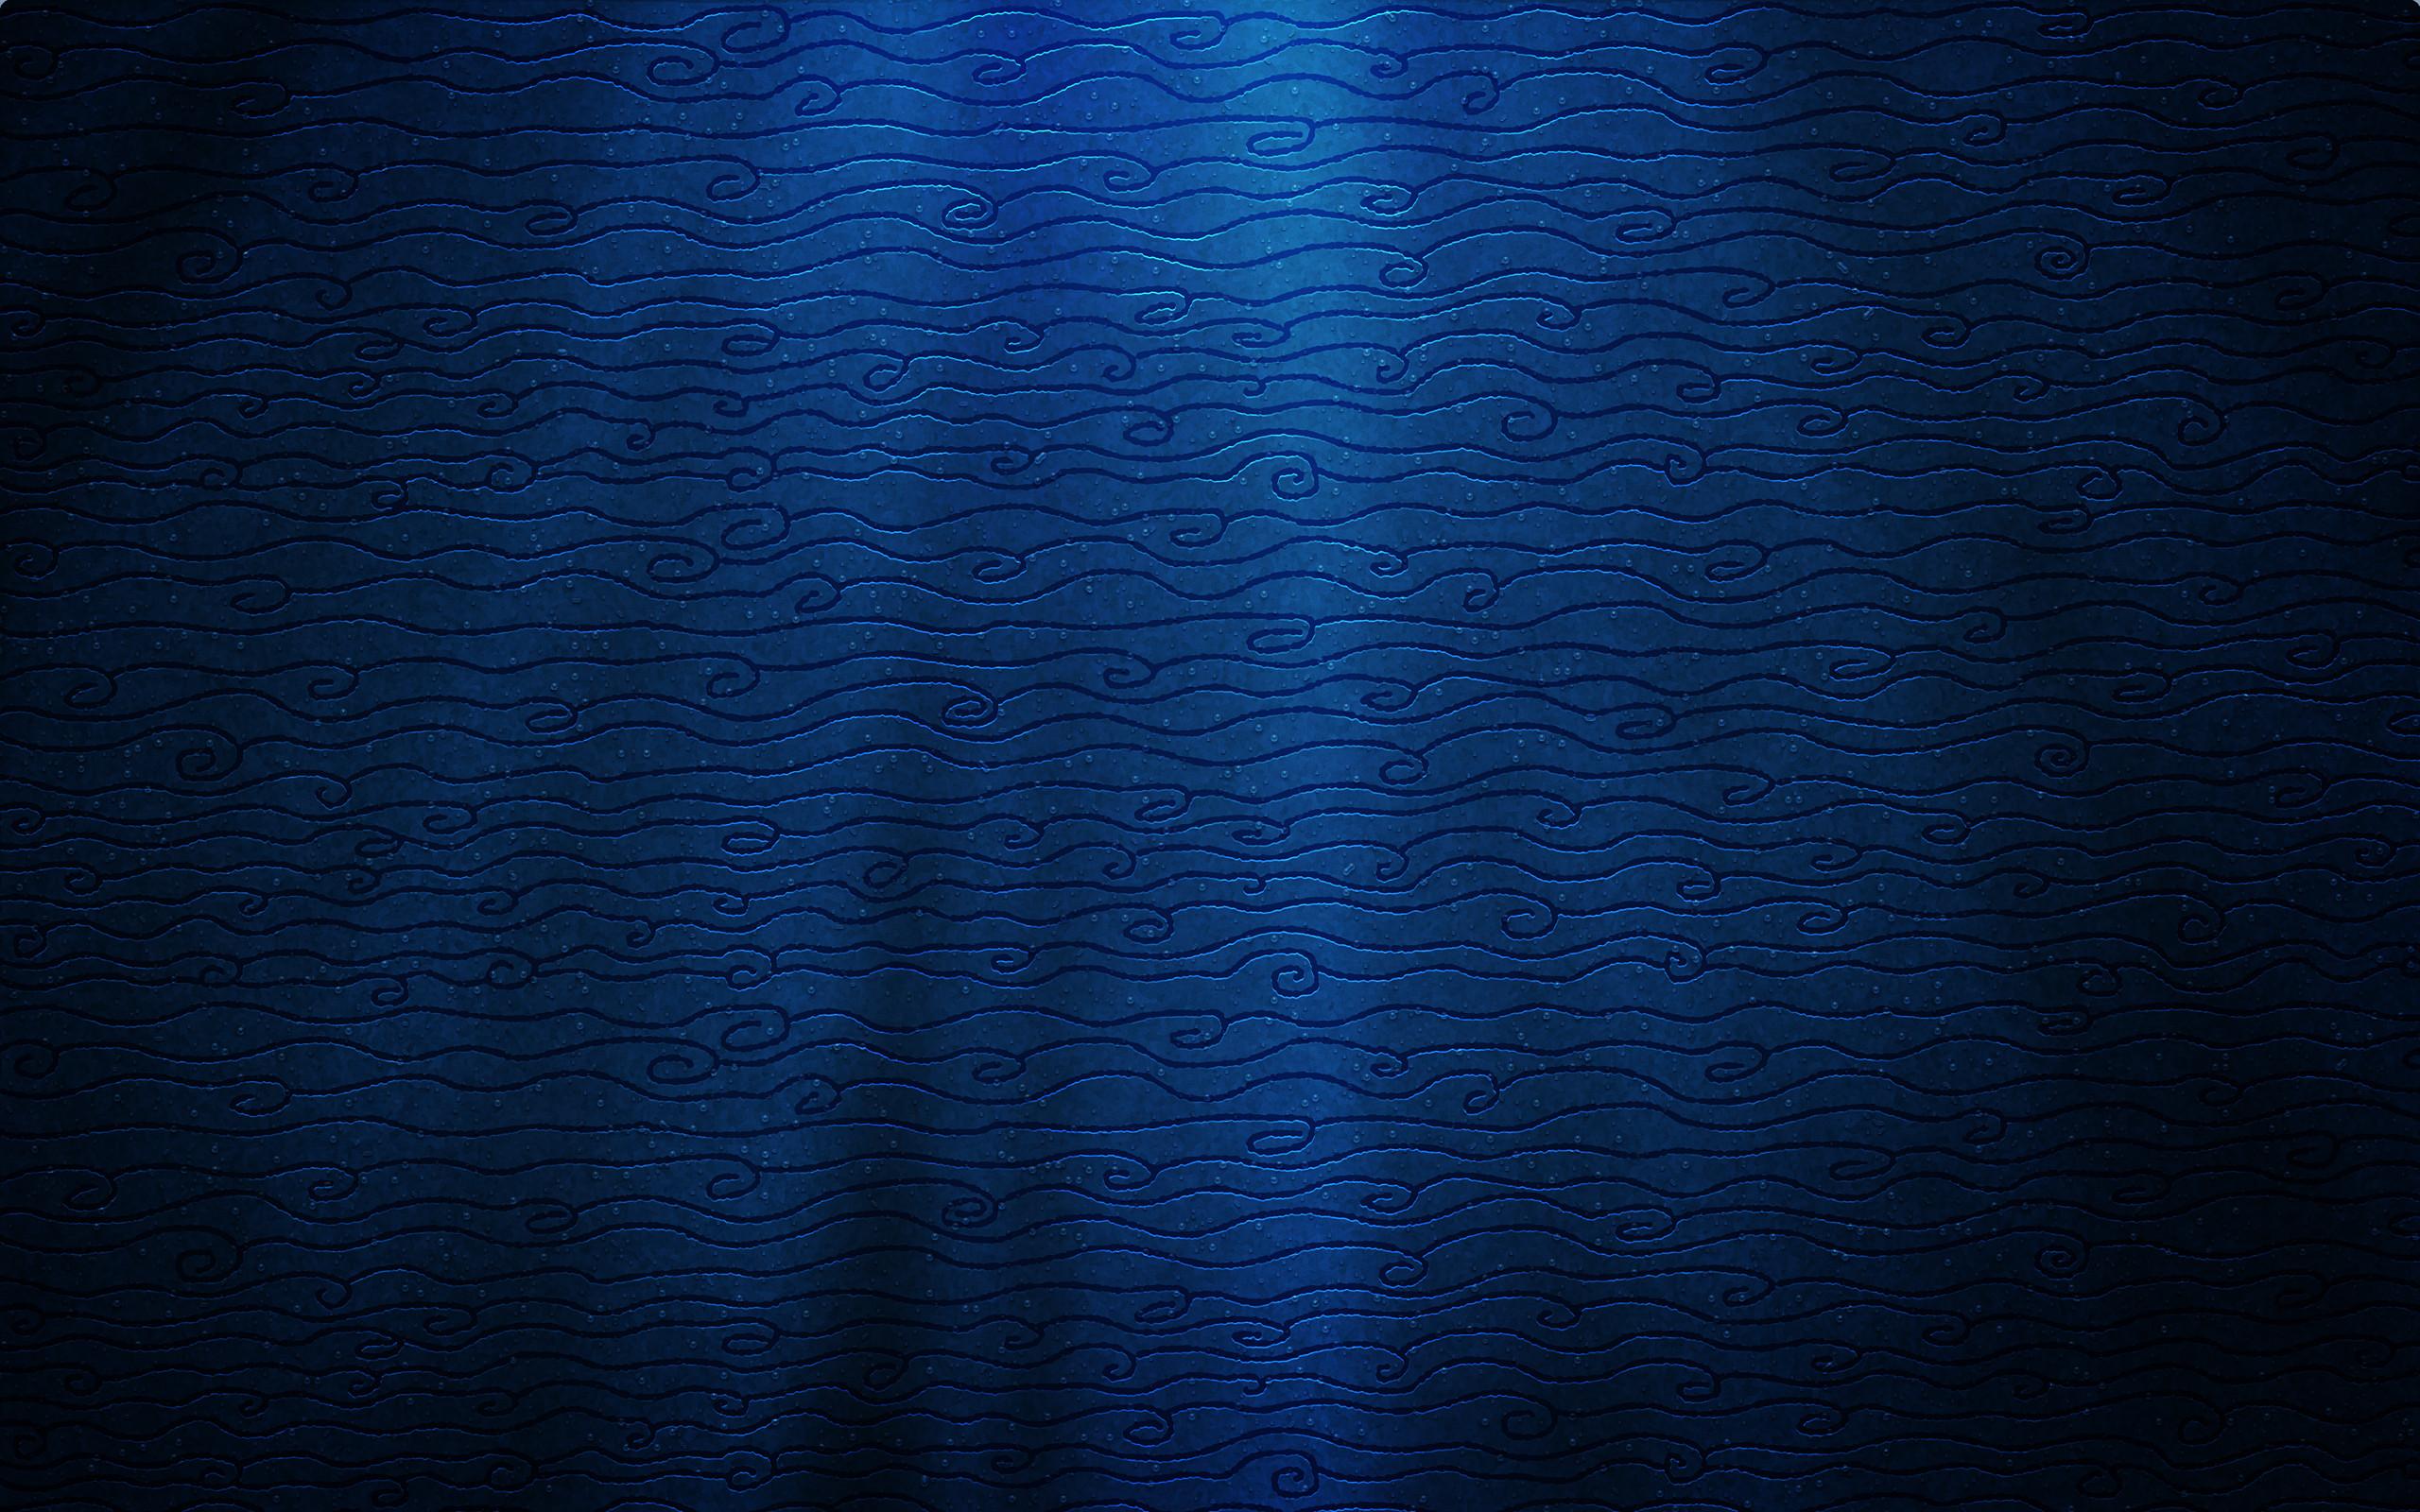 Free Blue Desktop Wallpaper – WallpaperSafari